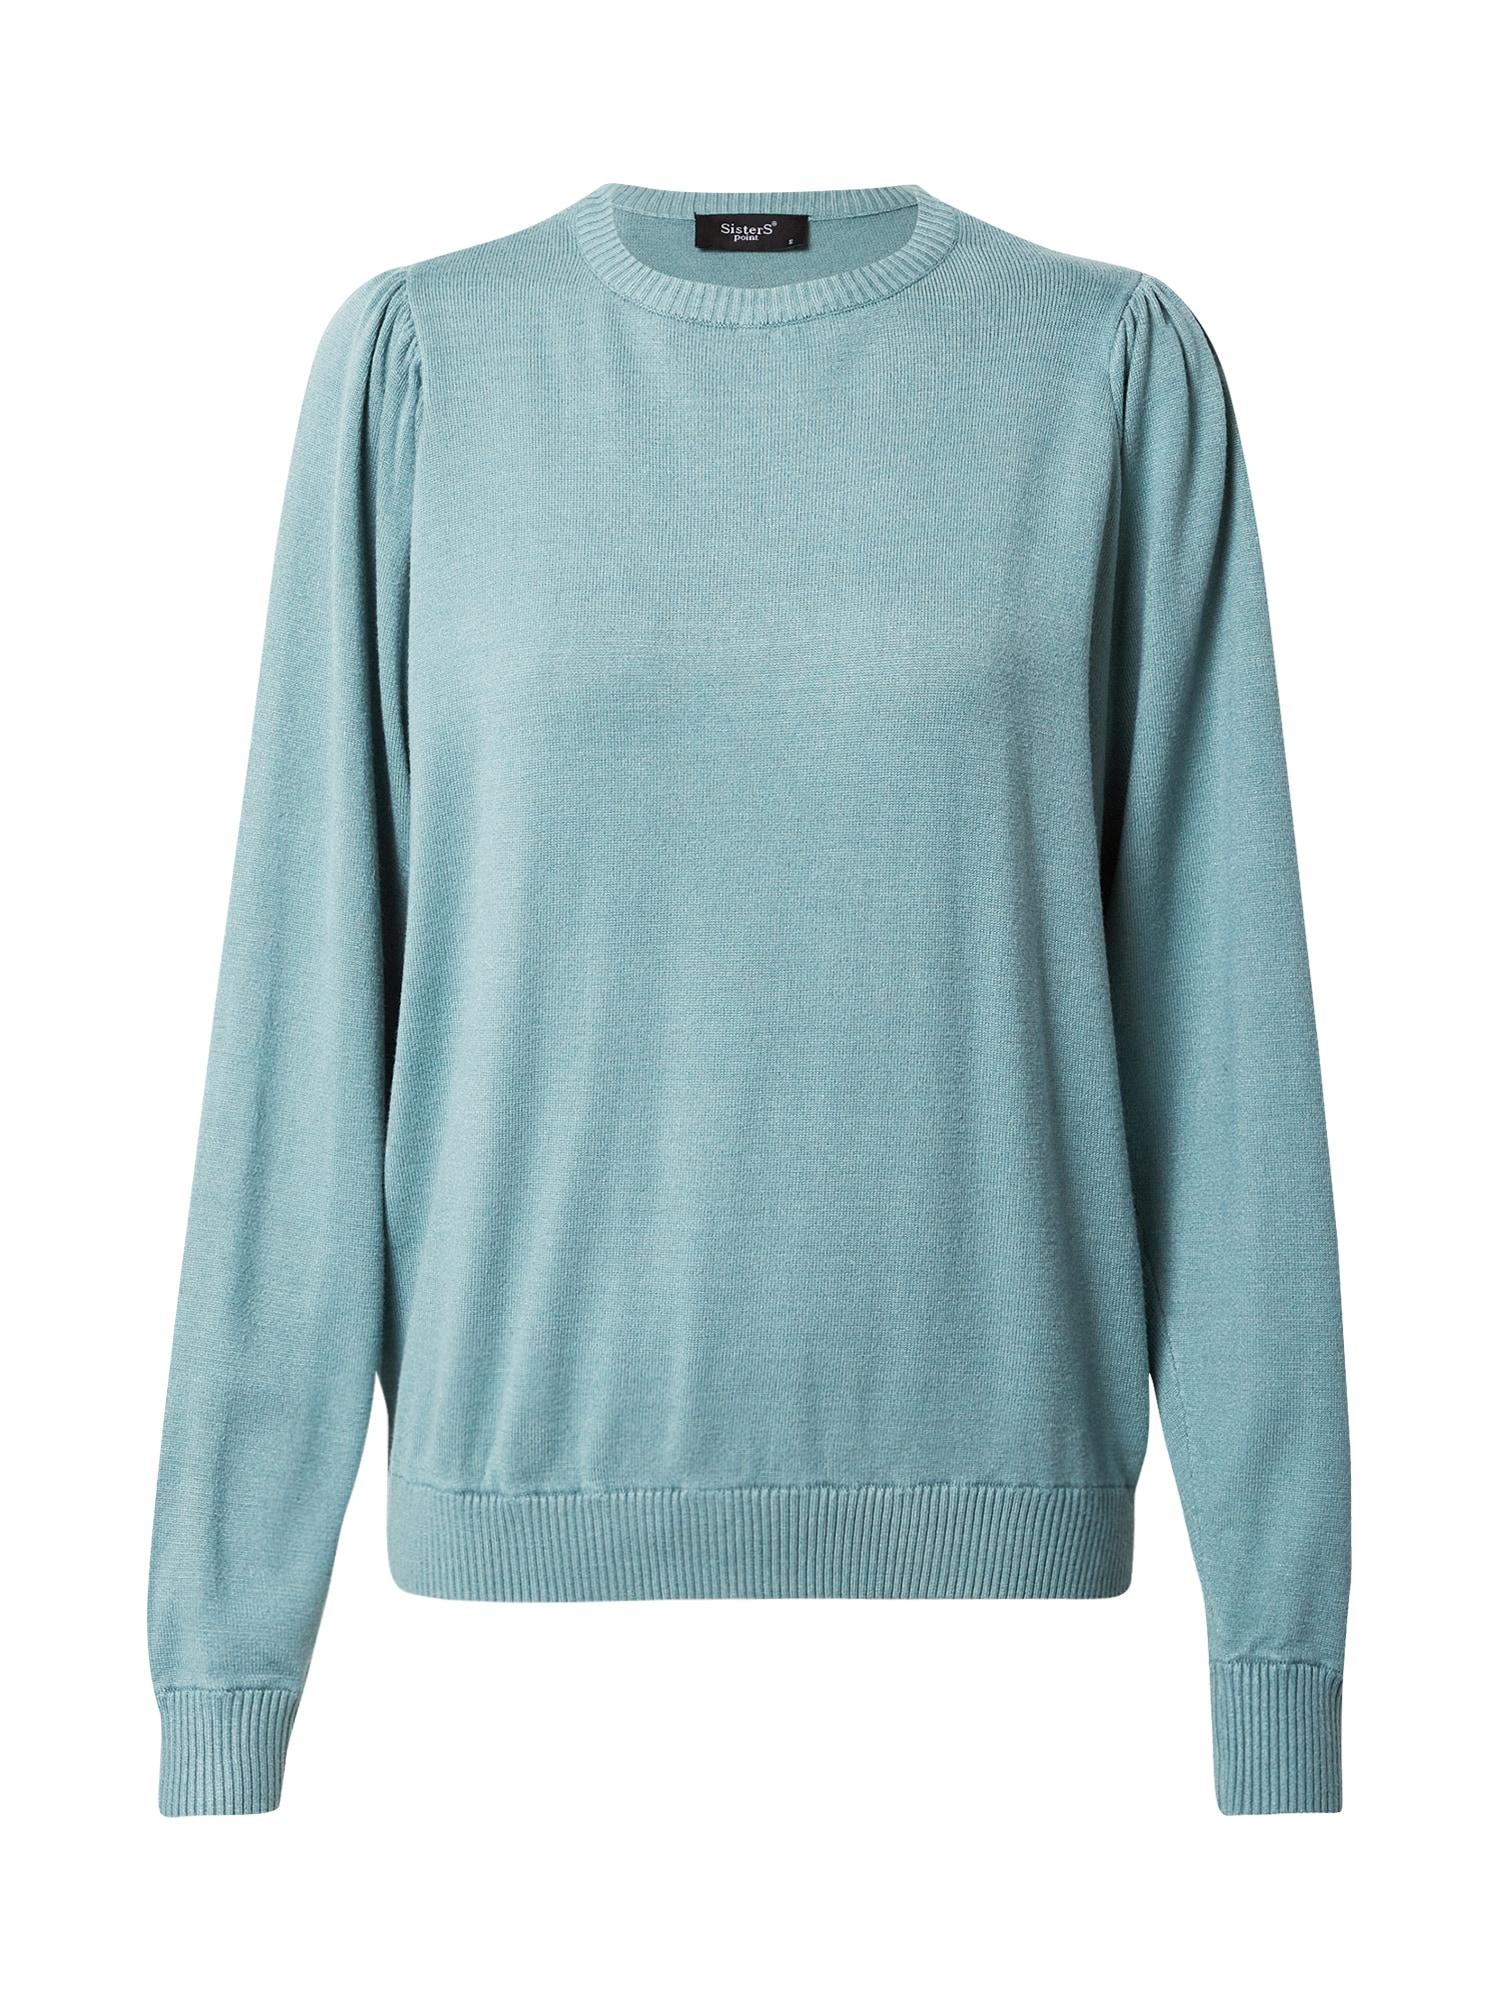 SISTERS POINT Megztinis šviesiai mėlyna / turkio spalva